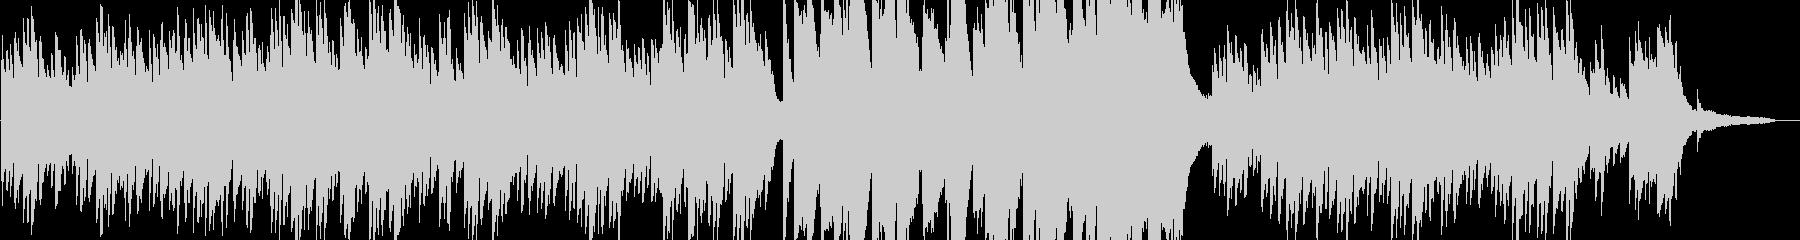 これから何かが始まるような予感のピアノの未再生の波形